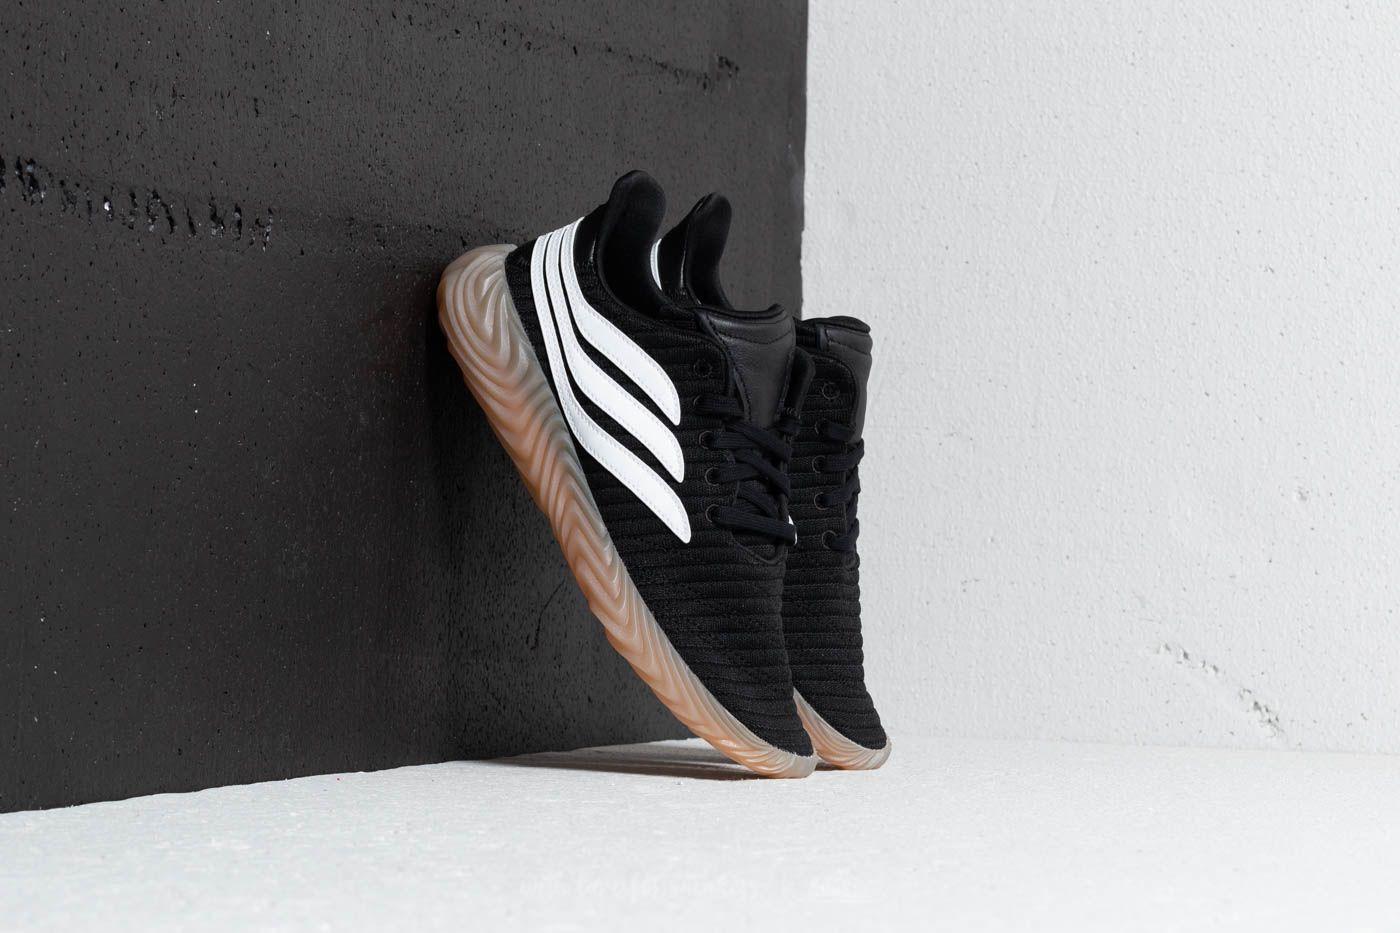 aee44b2fec9 adidas Sobakov Core Black  Ftw White  Gum 3